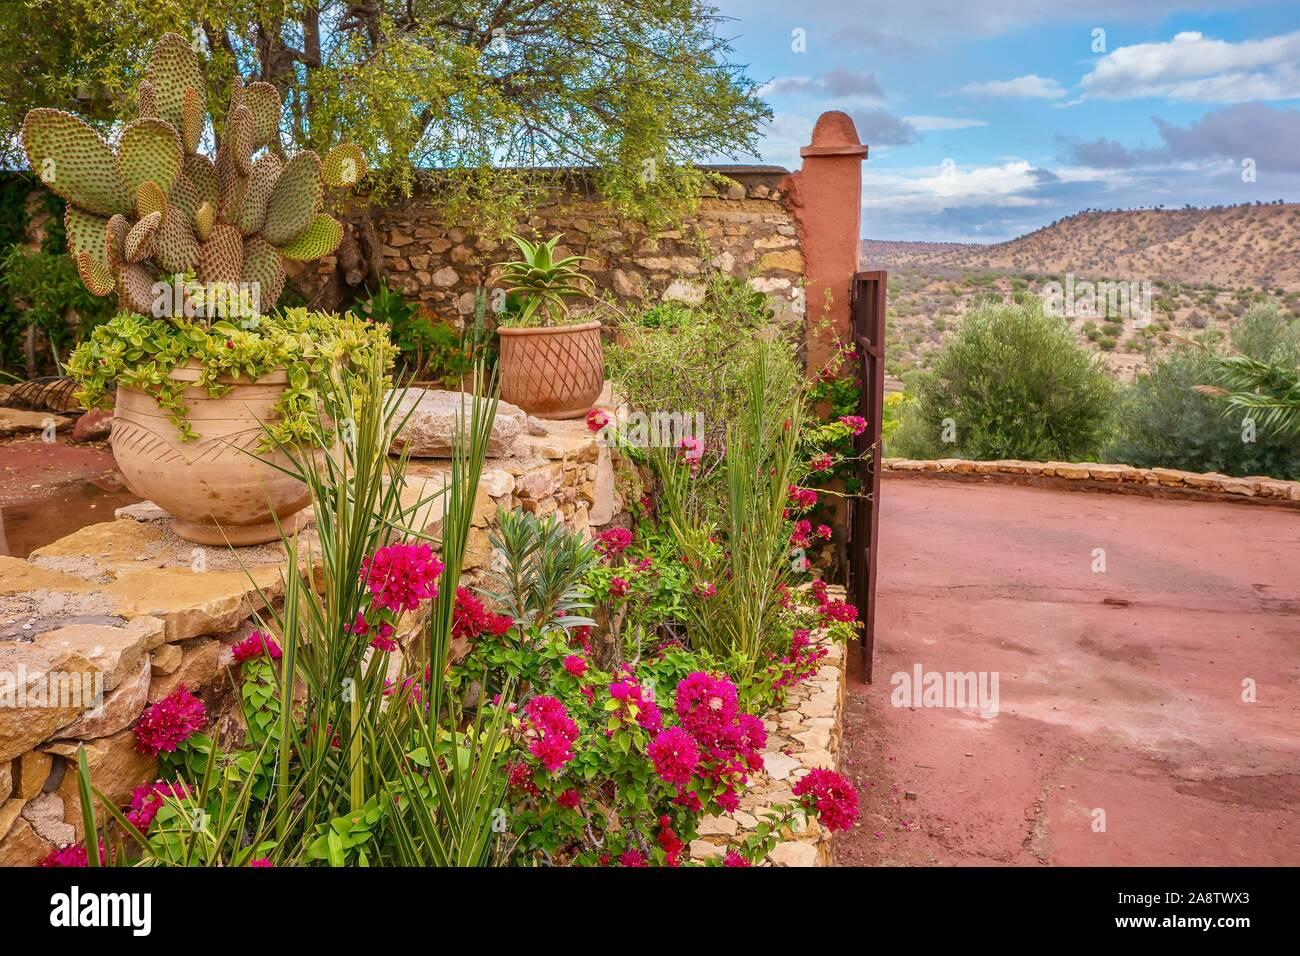 Bastante desierto de jardinería, con buganvillas rosas vibrantes y macetas creando un colorido jardín ornamental en zonas rurales de Marruecos. Foto de stock